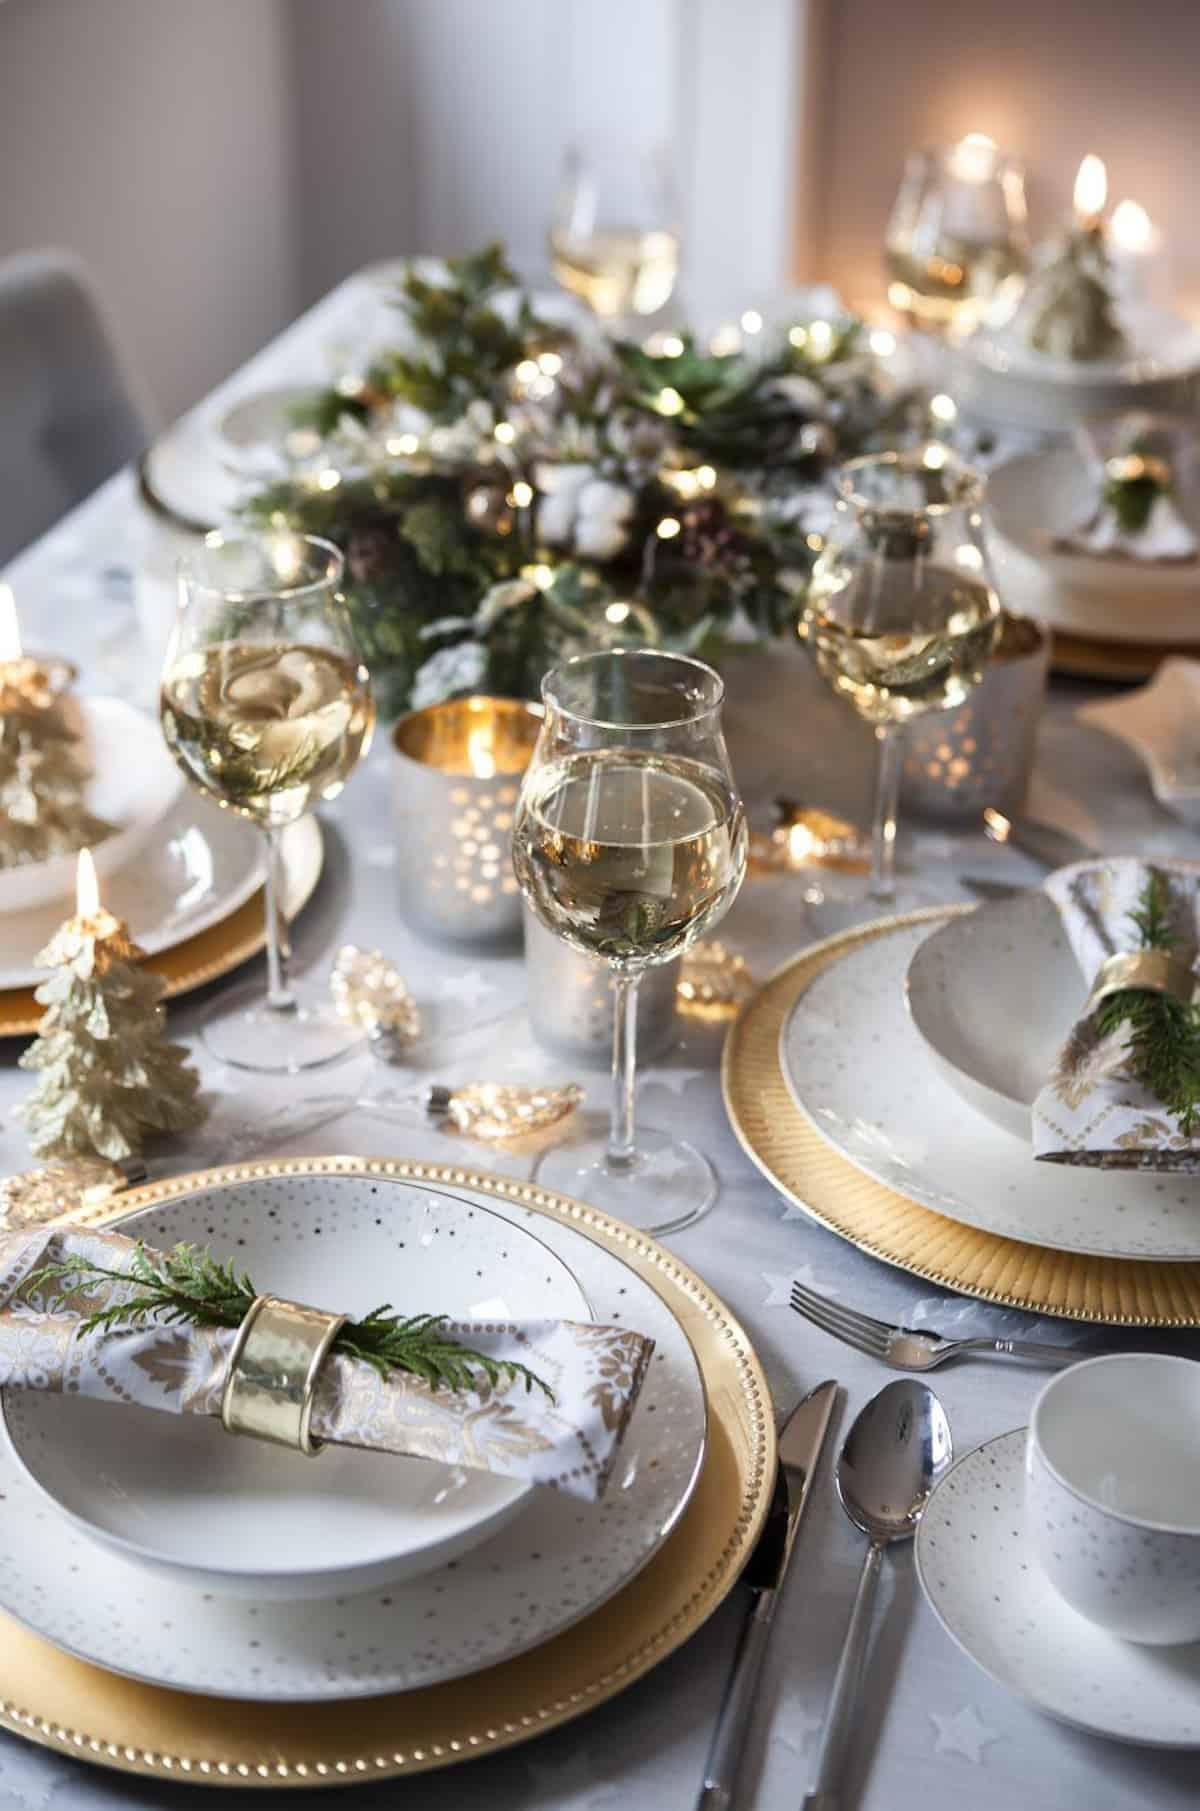 Cómo presentar una mesa de Navidad perfecta 15